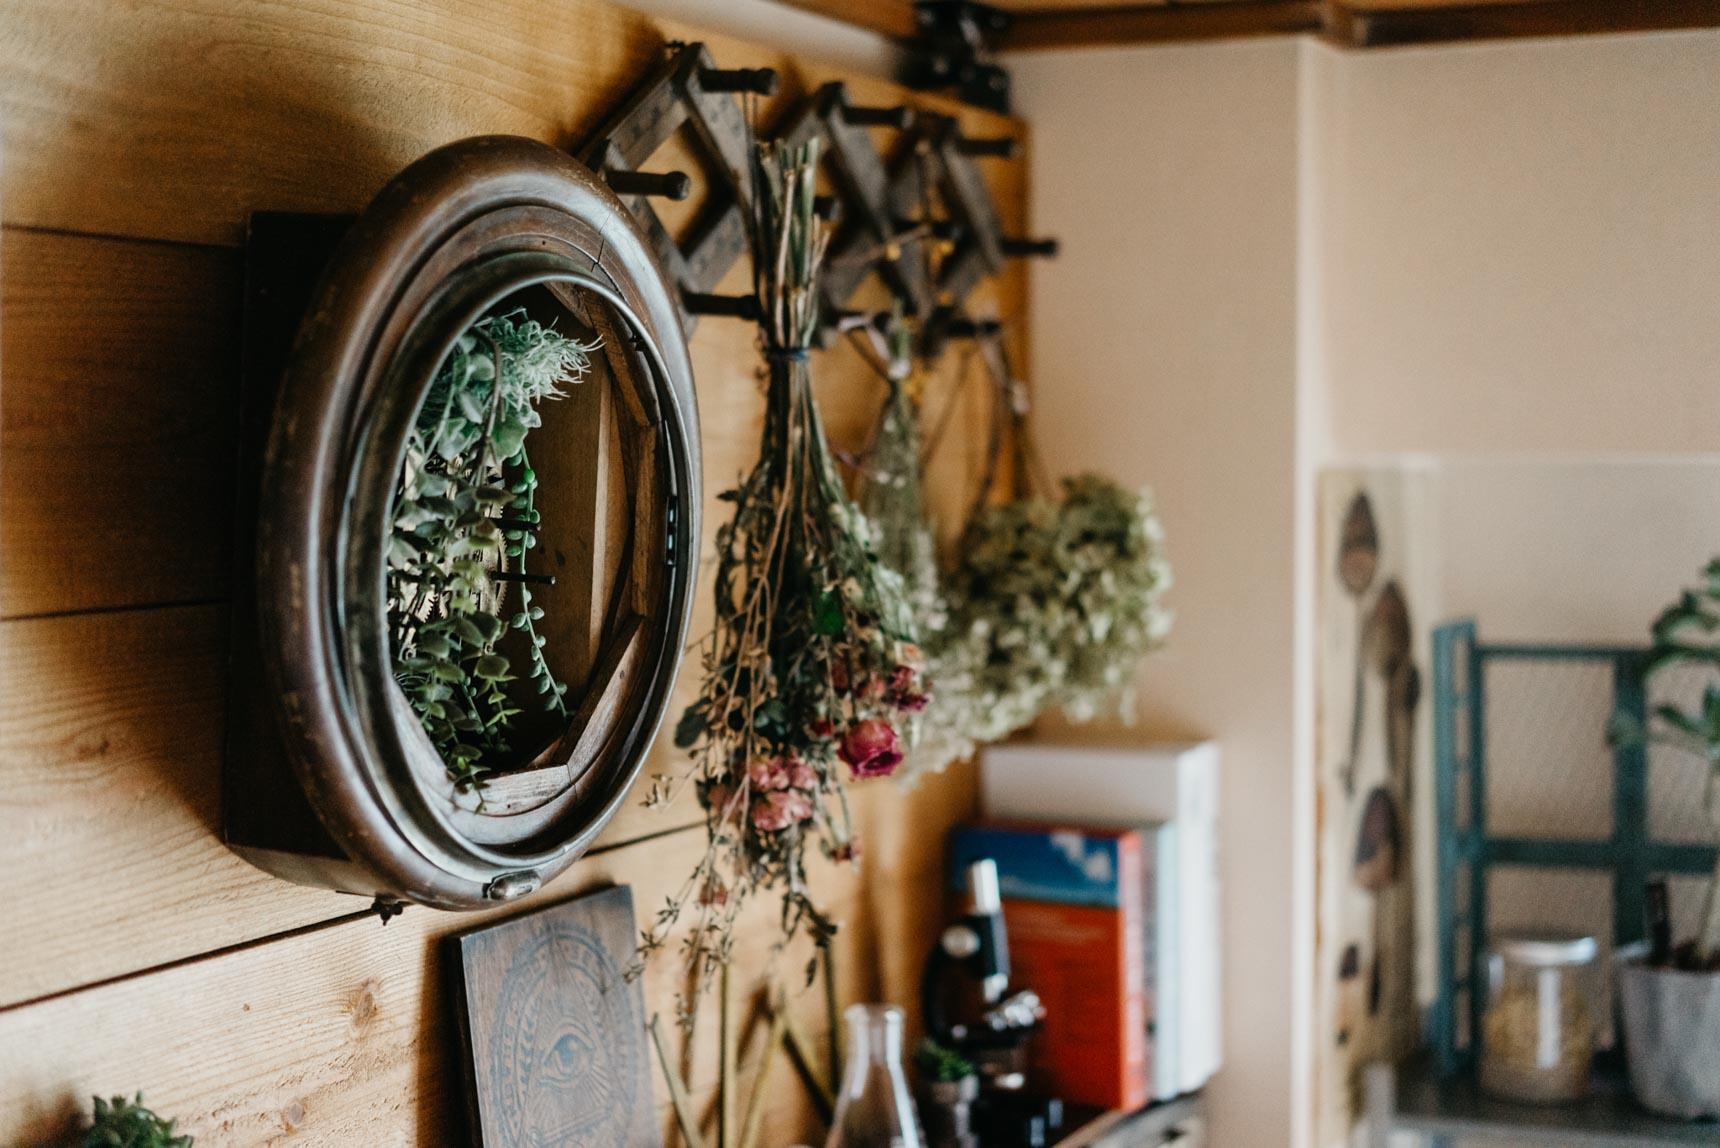 そう、壁に釘が打てるなら飾りたいもの、私もたくさんあったんです…賃貸生活が長すぎて忘れていましたが……